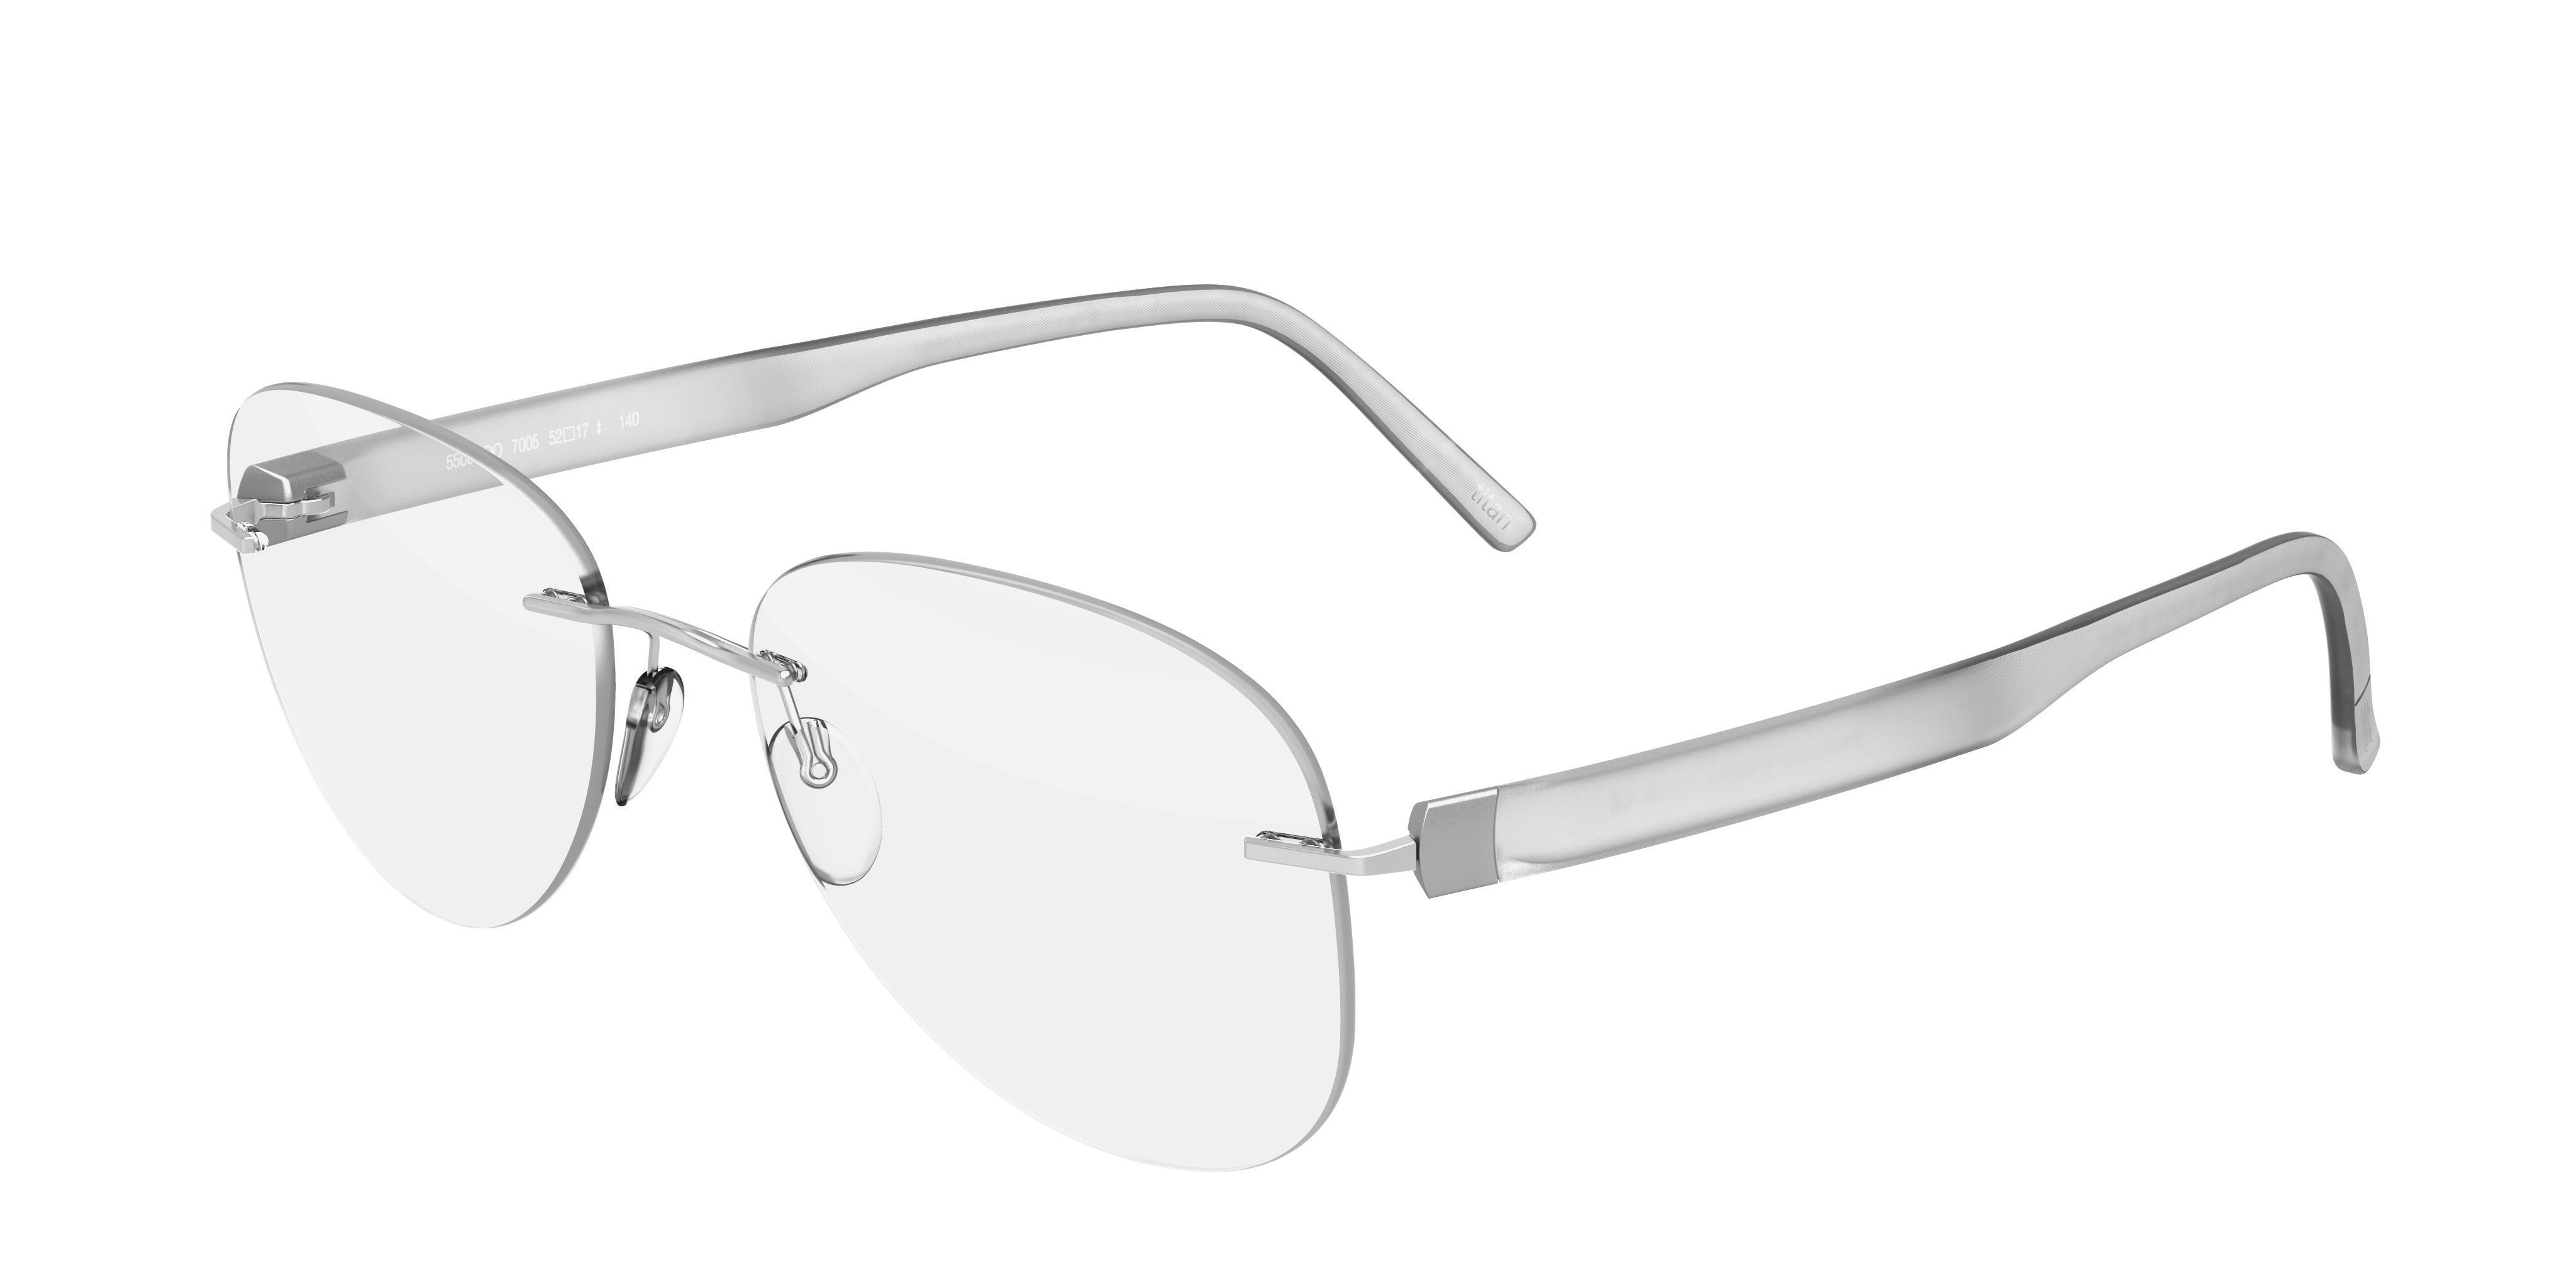 a2e7e6699fd0 Vision Service Opticians - Search page